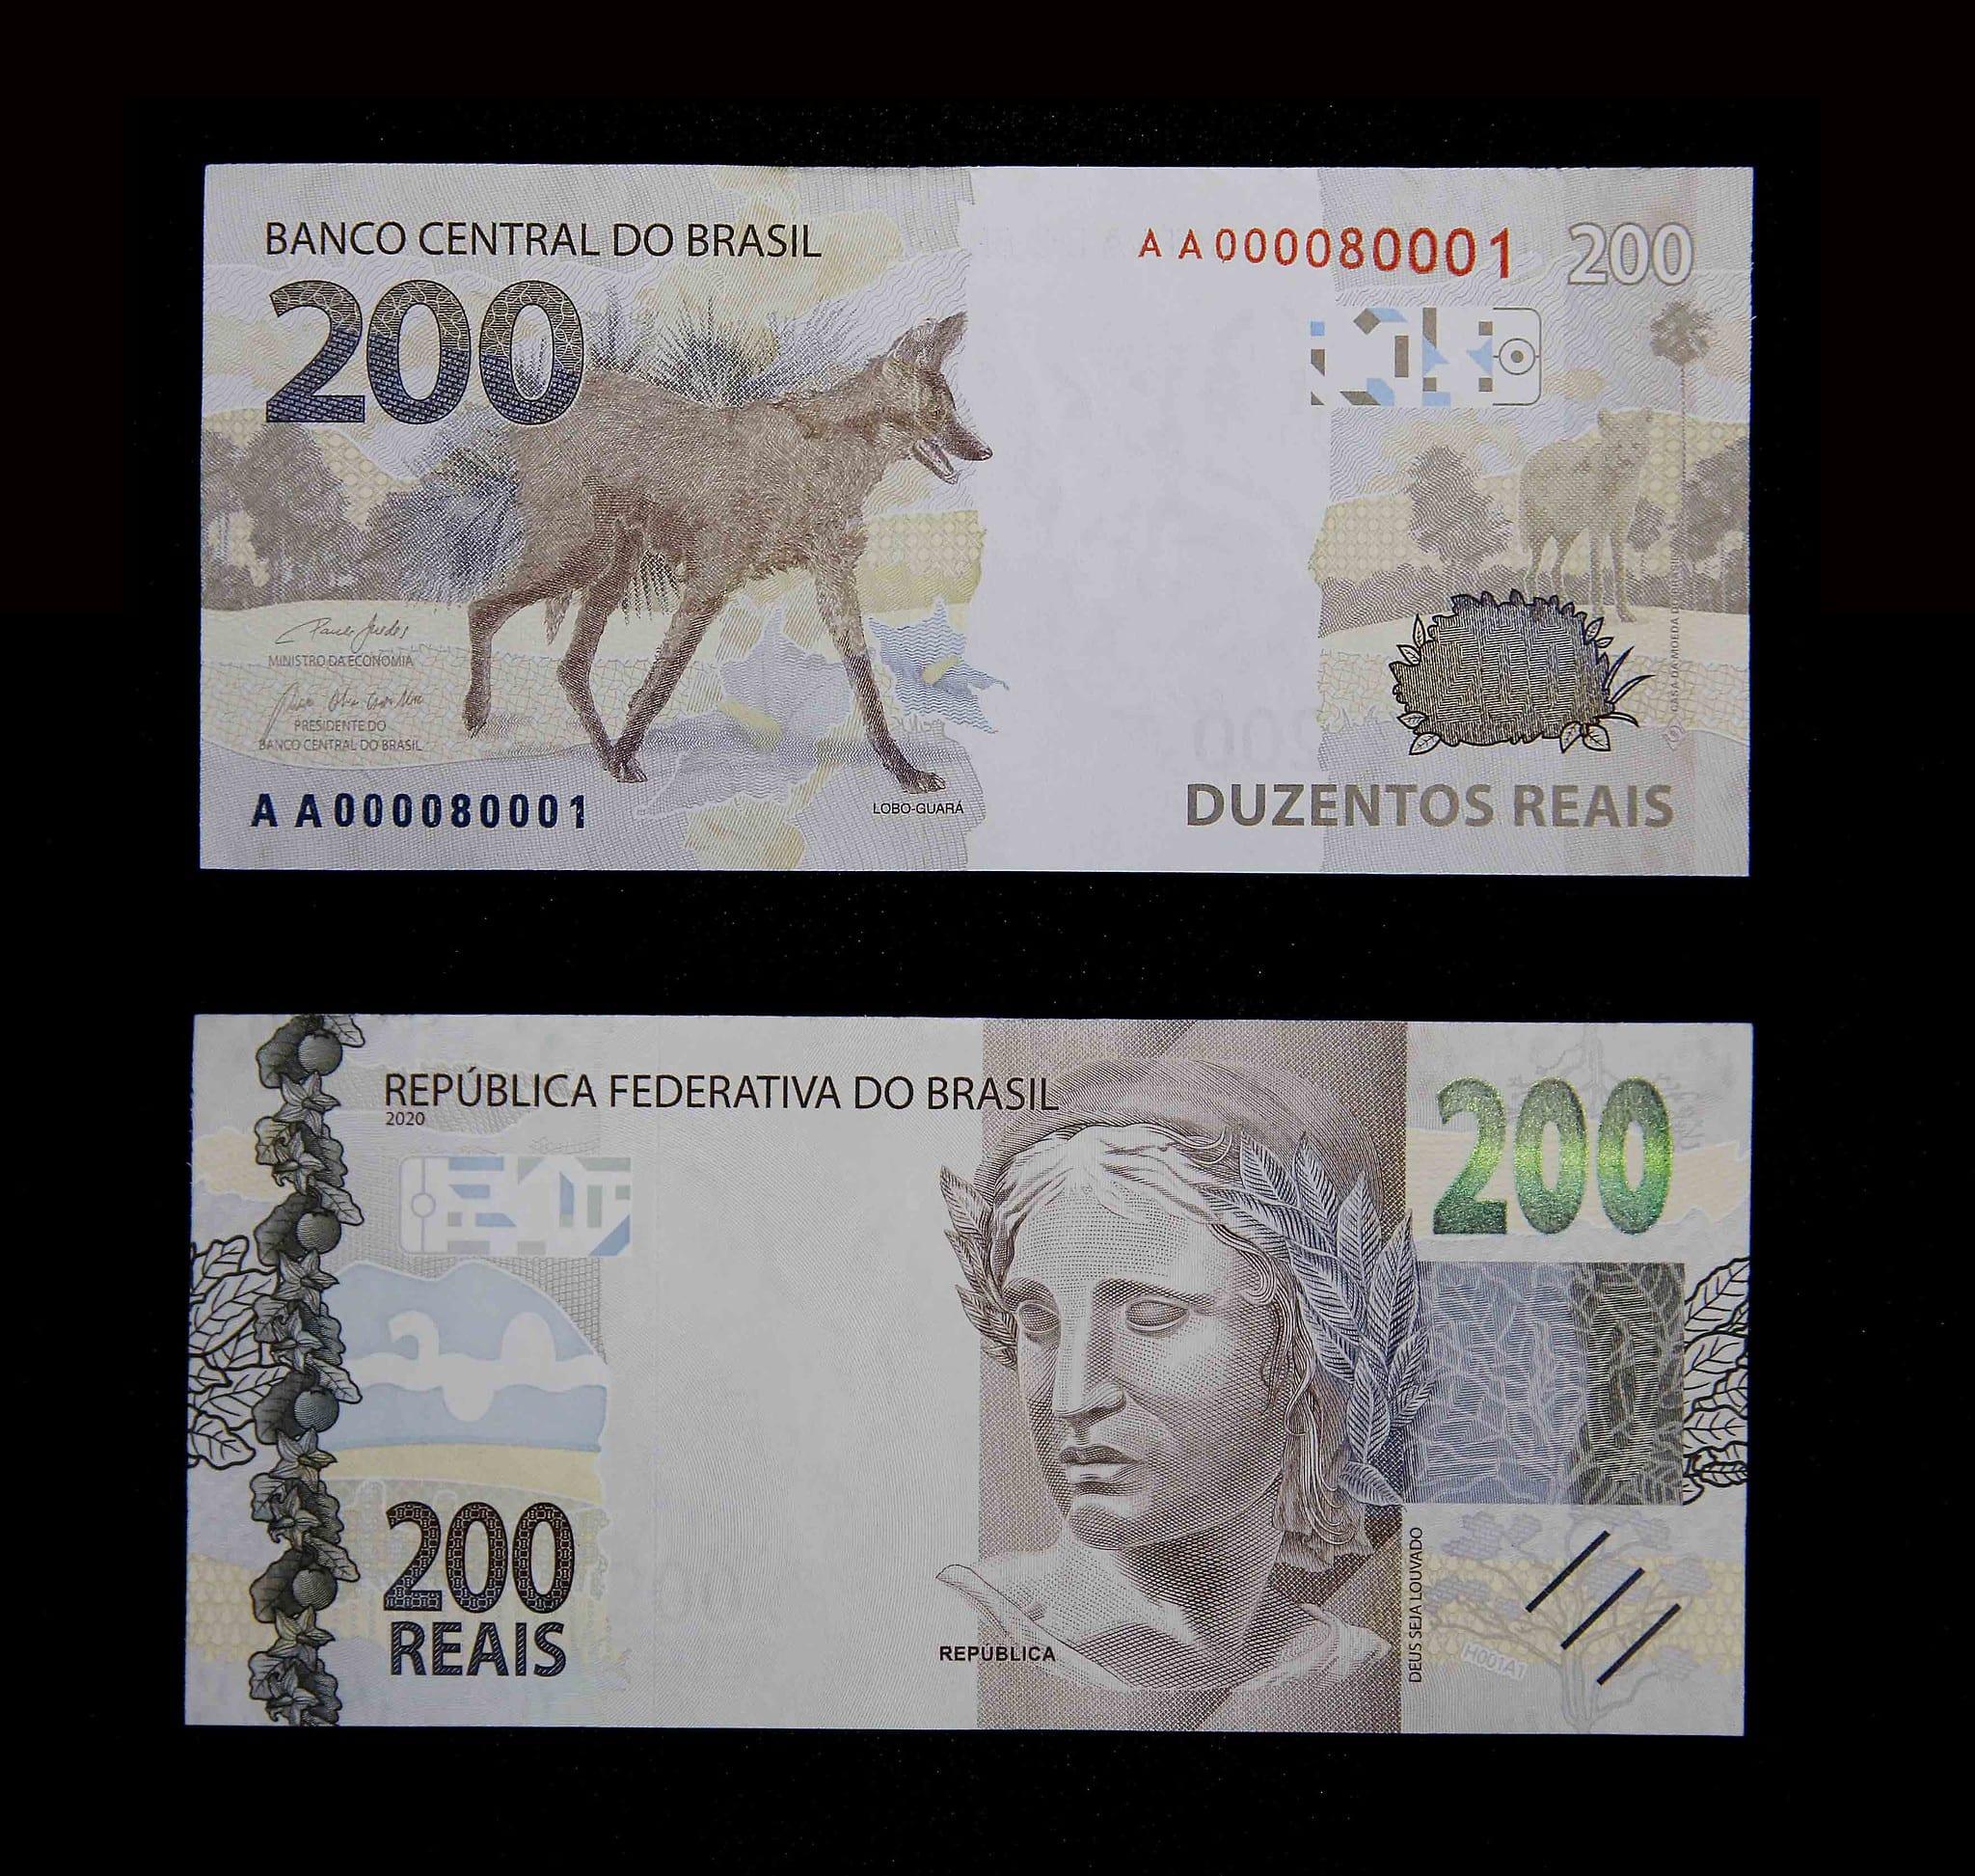 Nova nota de R$ 200 com a imagem do lobo-guará - foto de Raphael Ribeiro/BCB